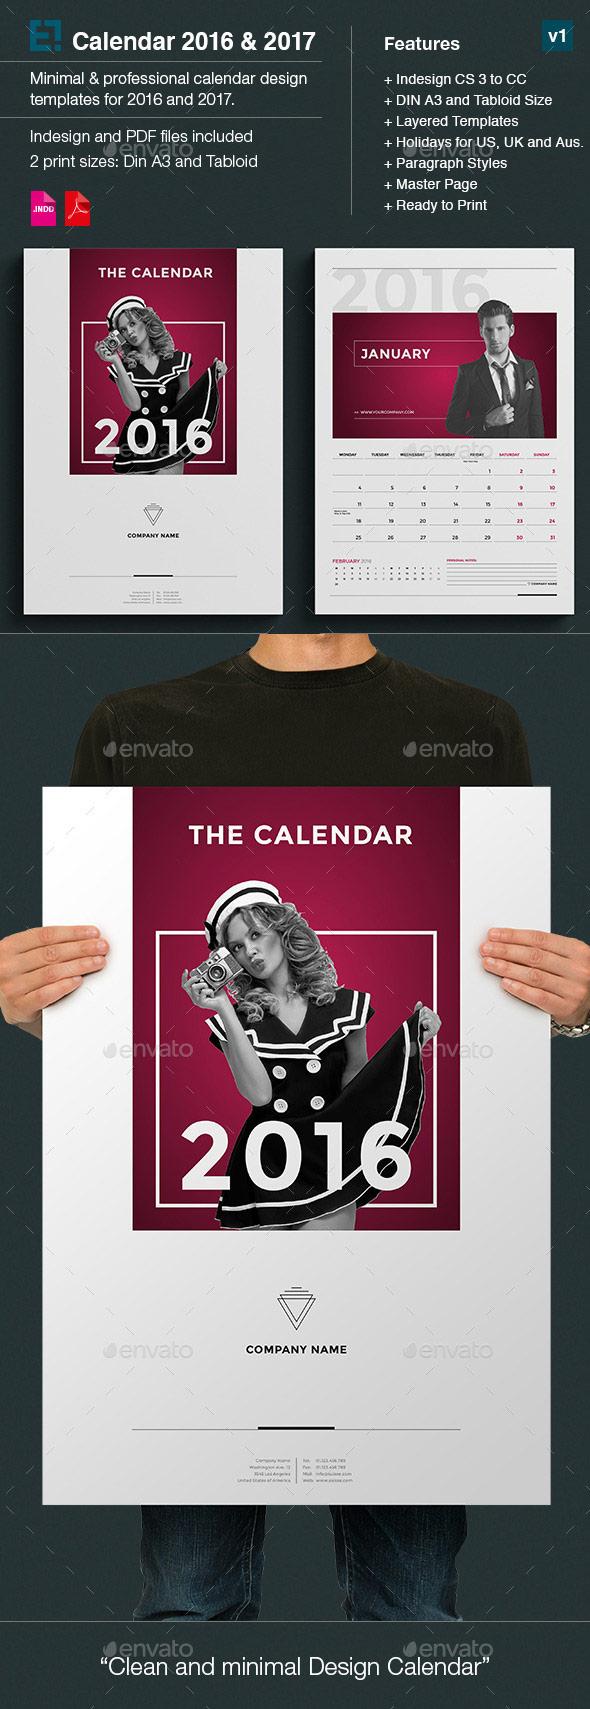 Kickstart 2016 With A Creative Monthly Calendar Template